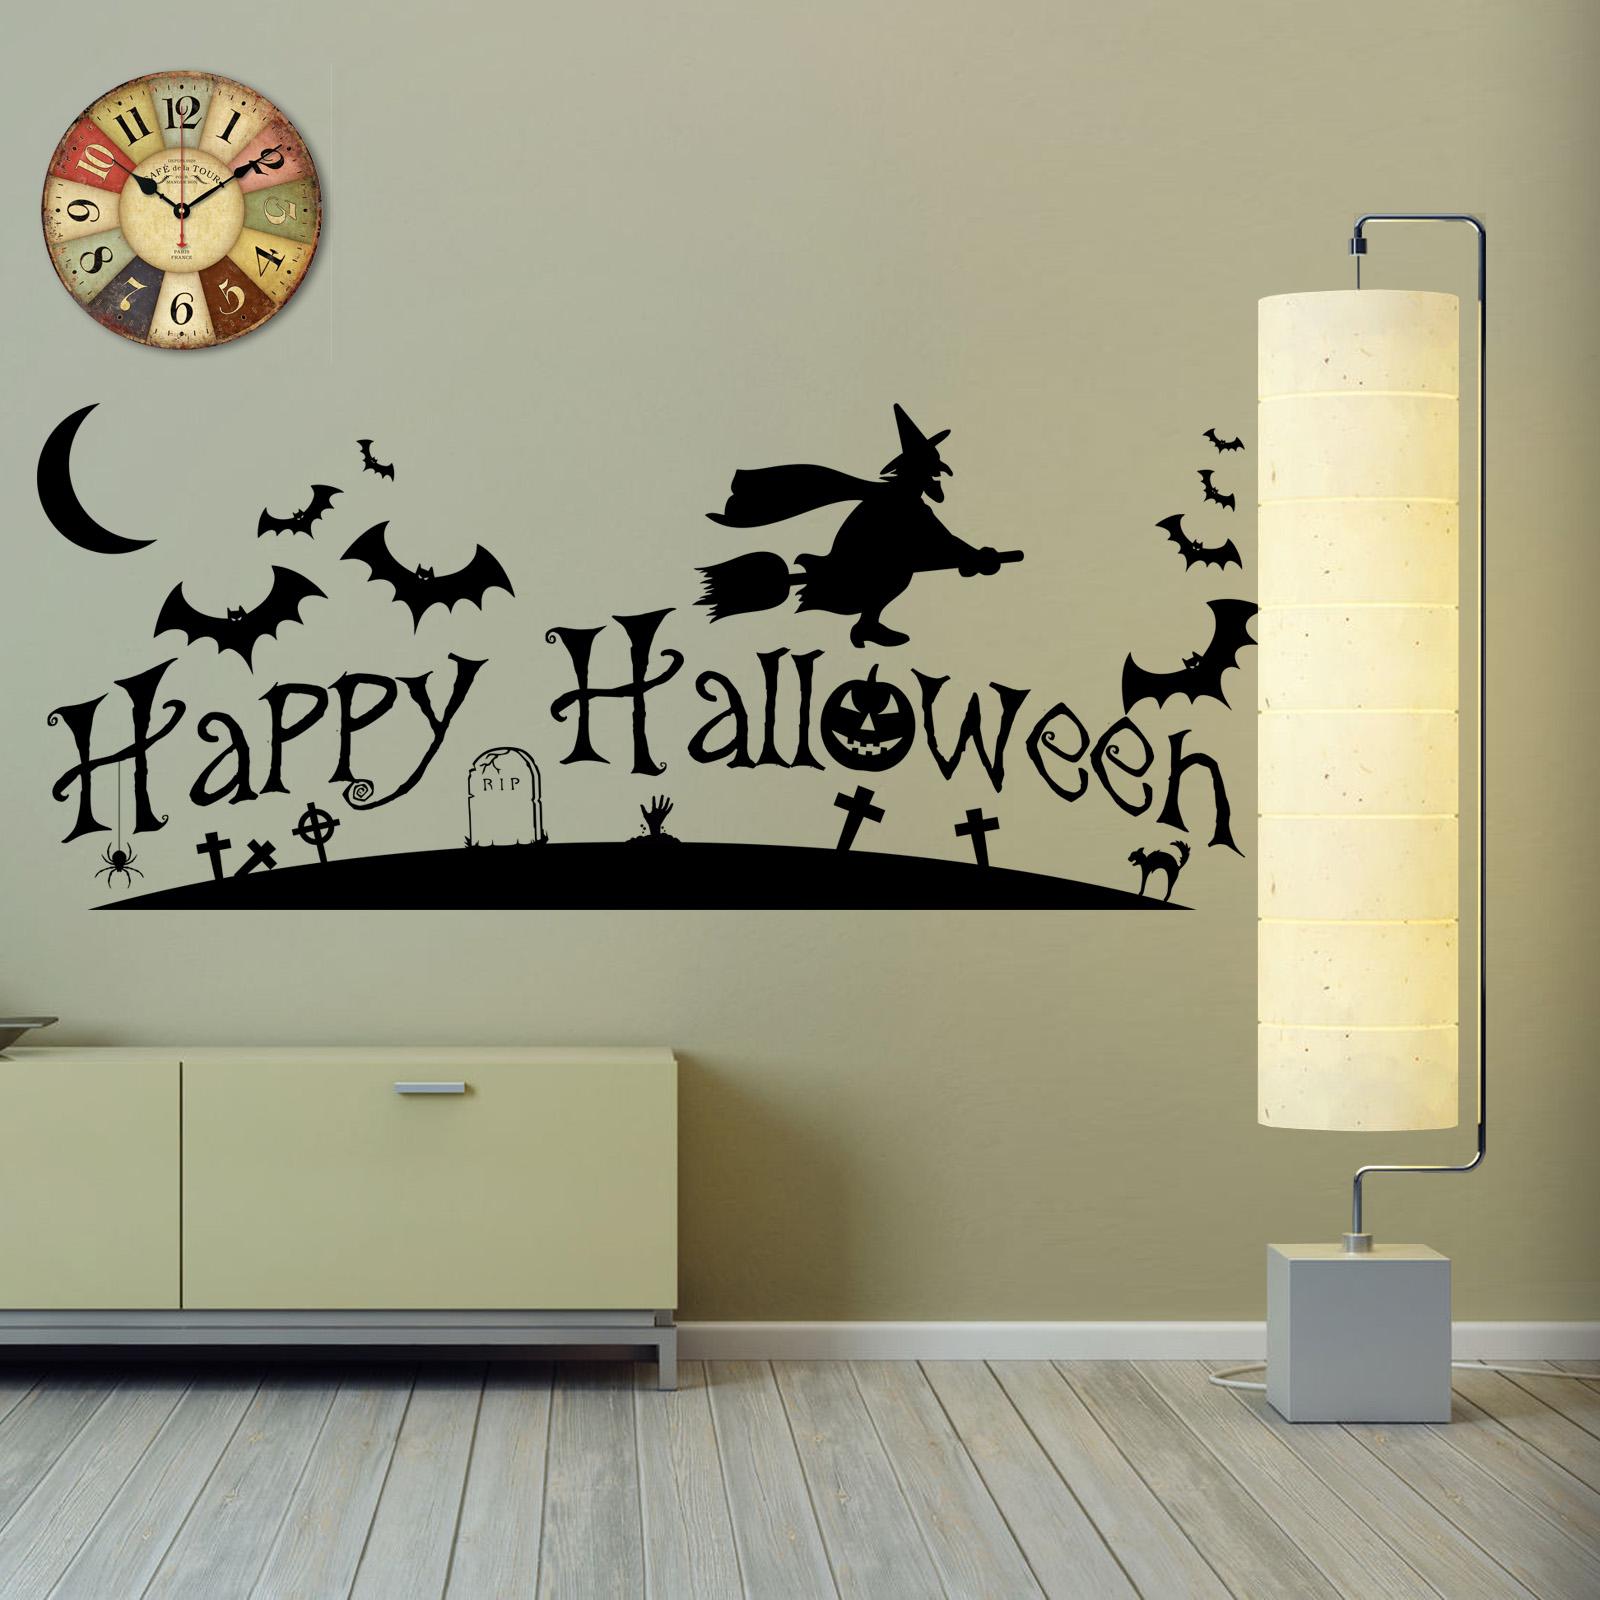 Happy Halloween Party Banner Vinyl Wall Art